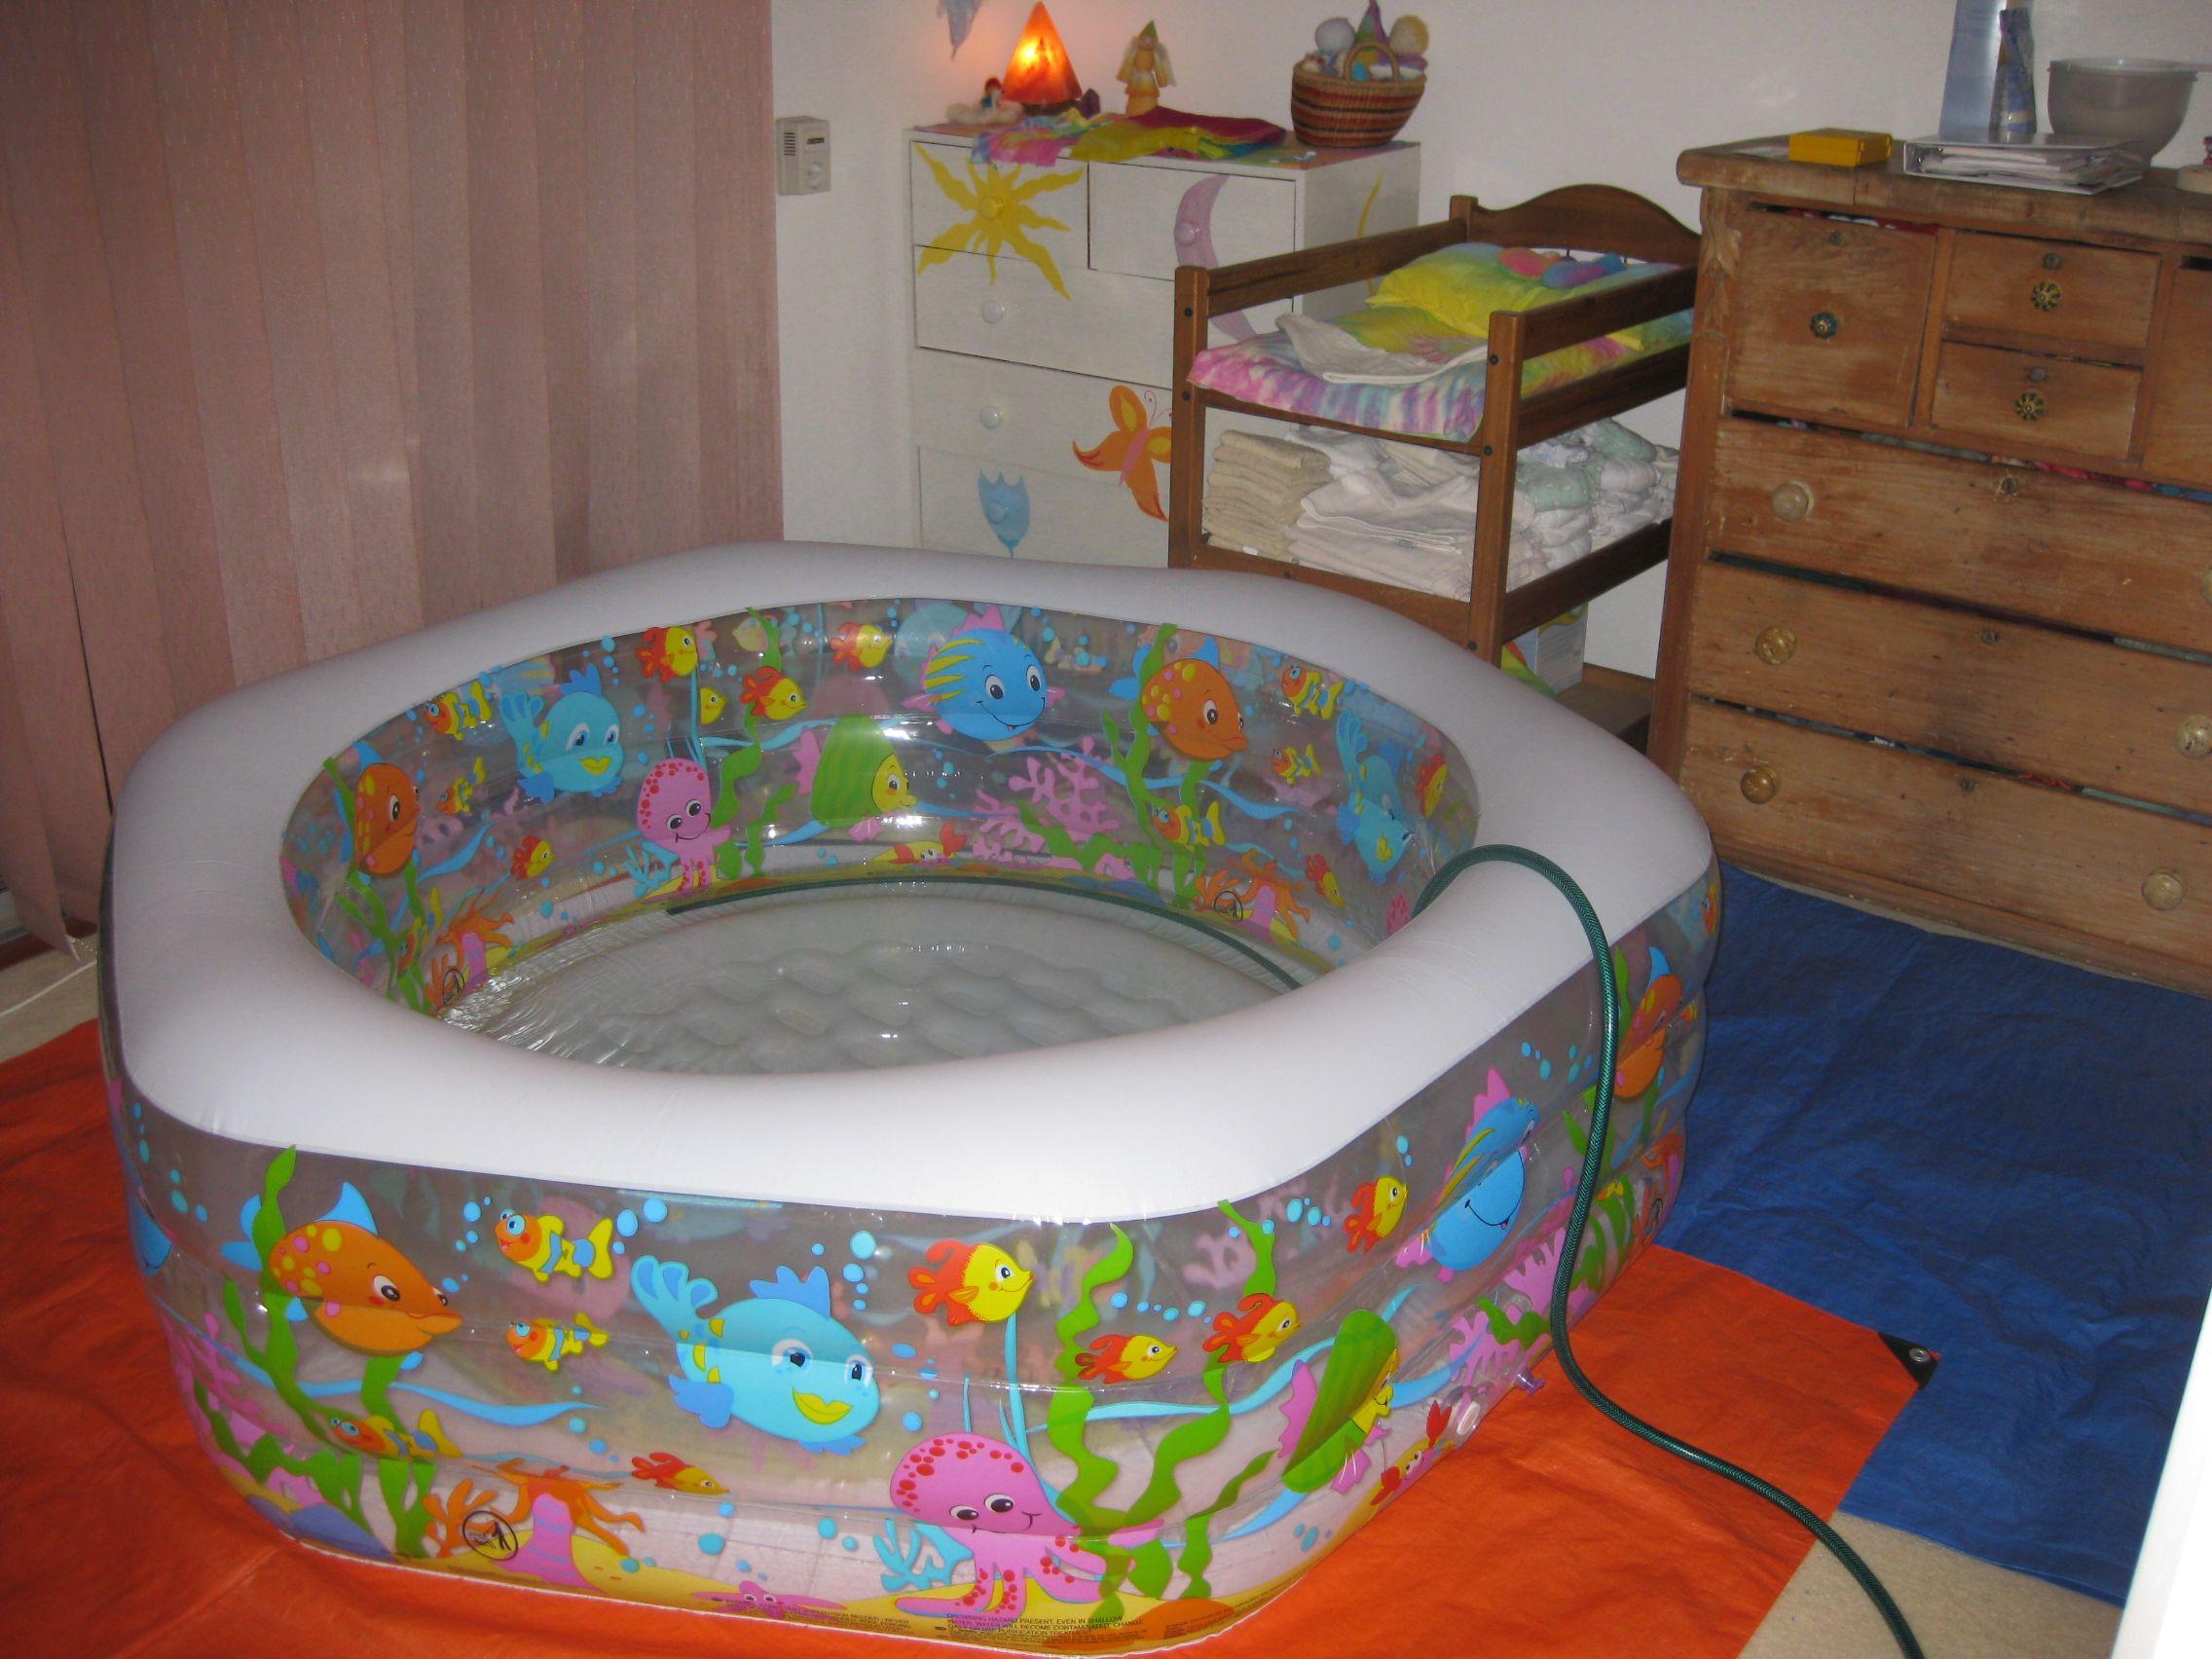 bcd5c63f1f9f1108fc21dd07c22aca94 Unique De Couvercle Aquarium Conception